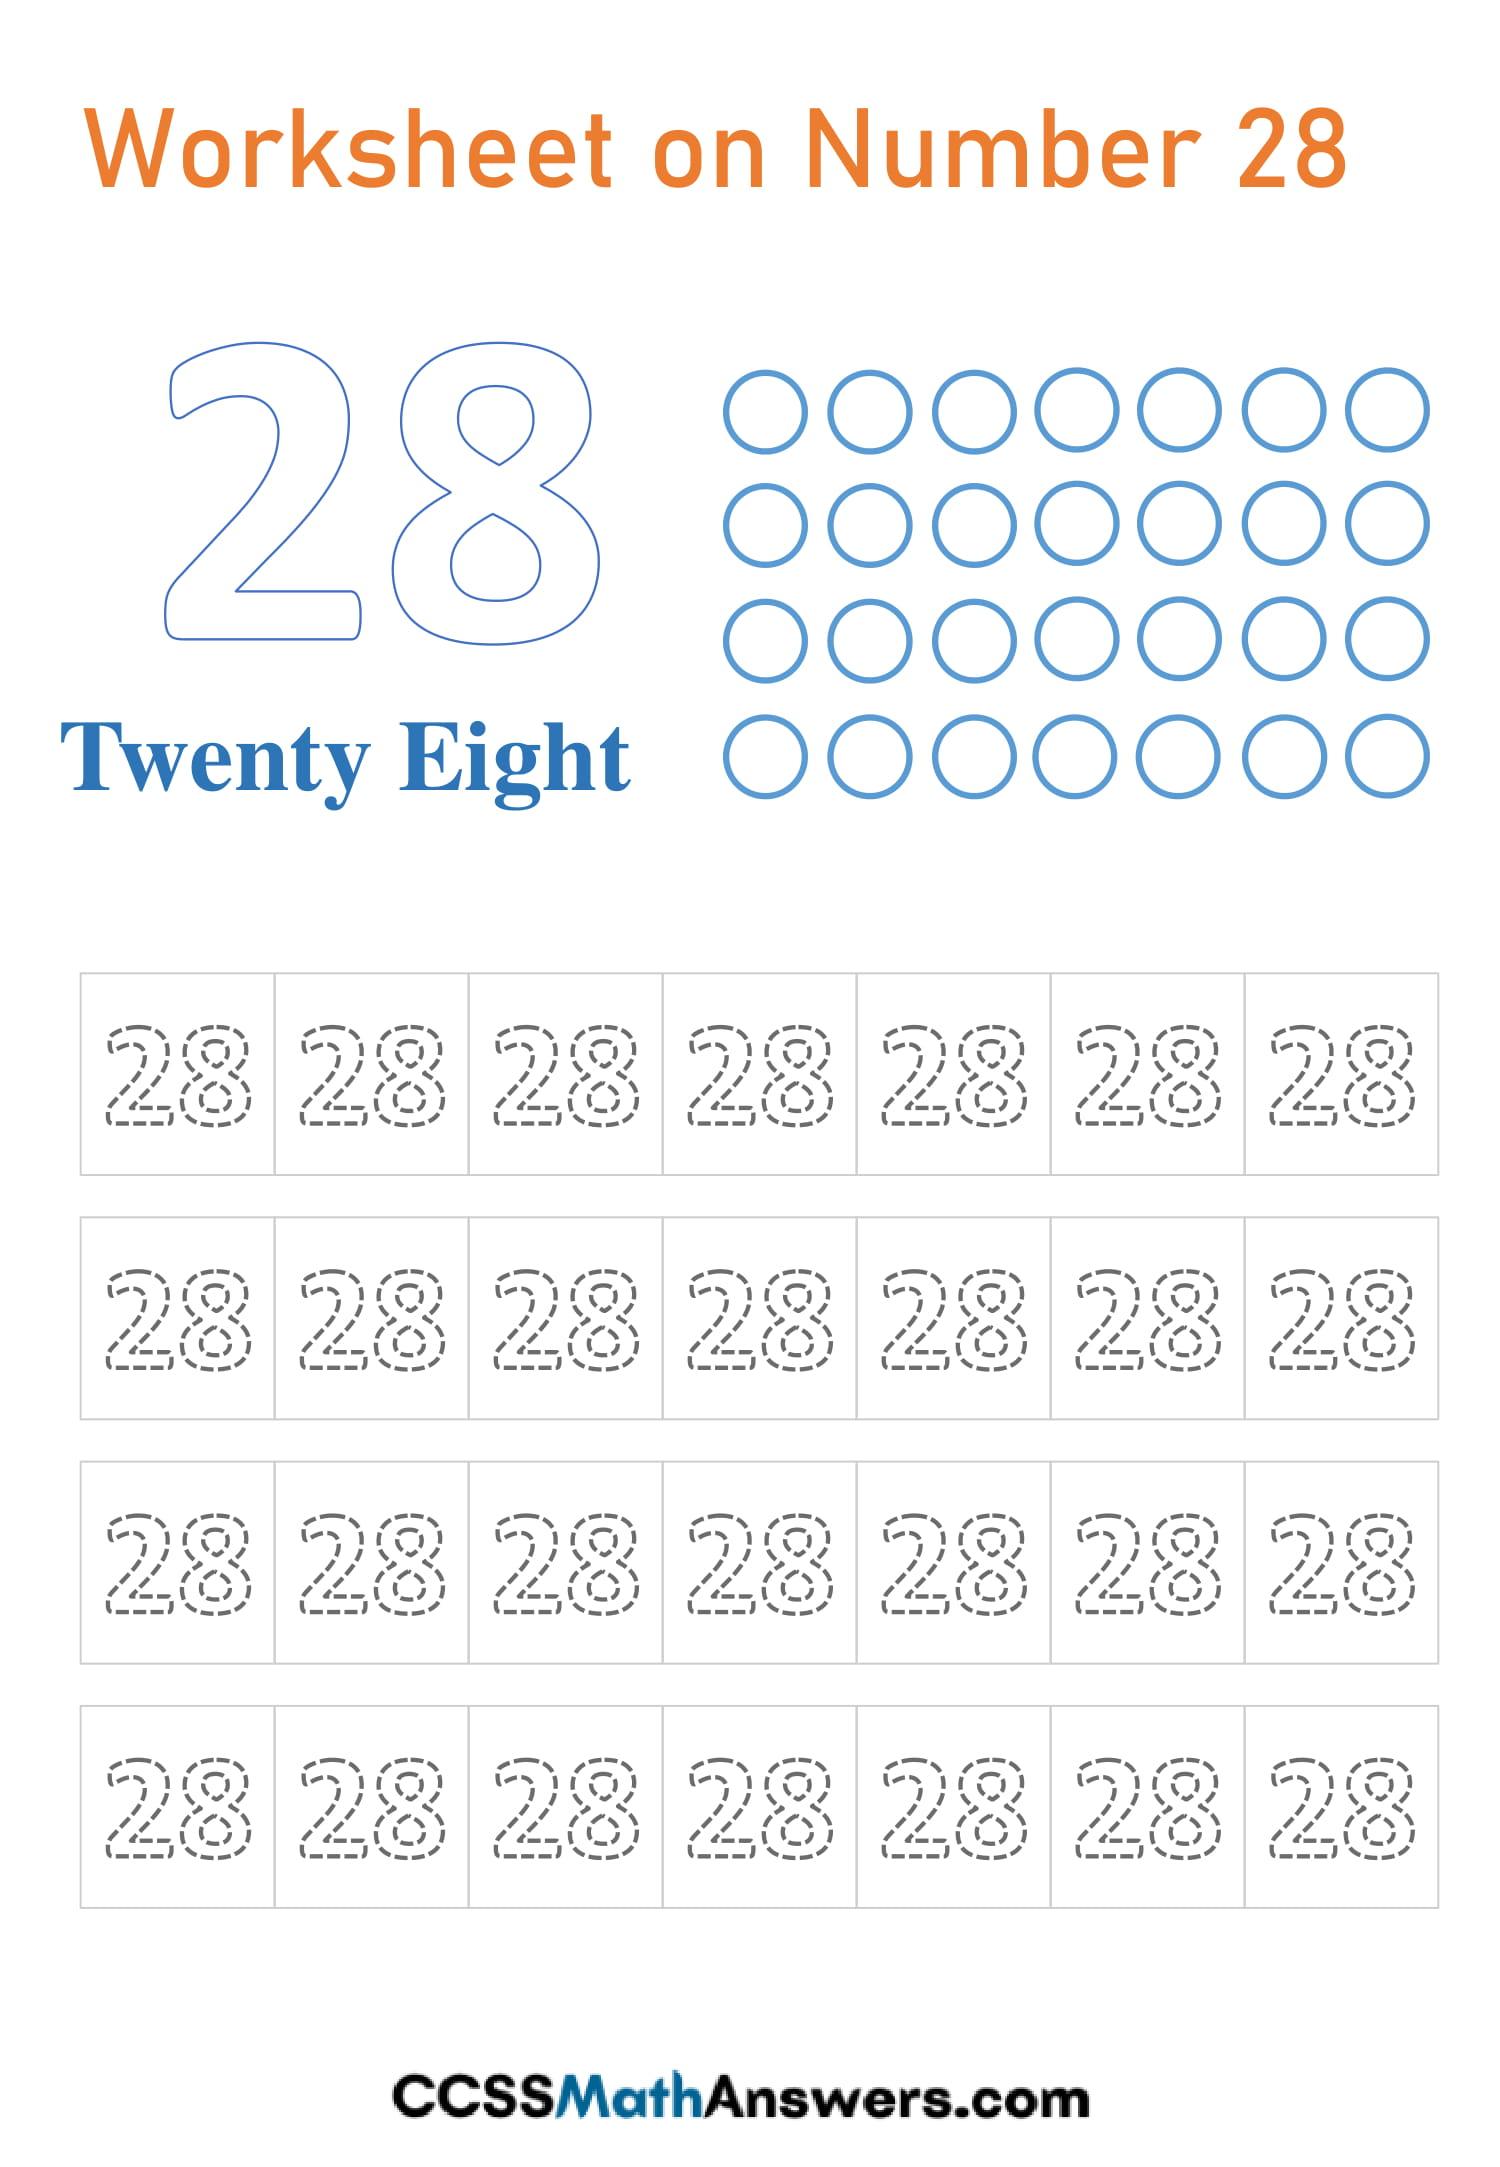 Number 28 Worksheet